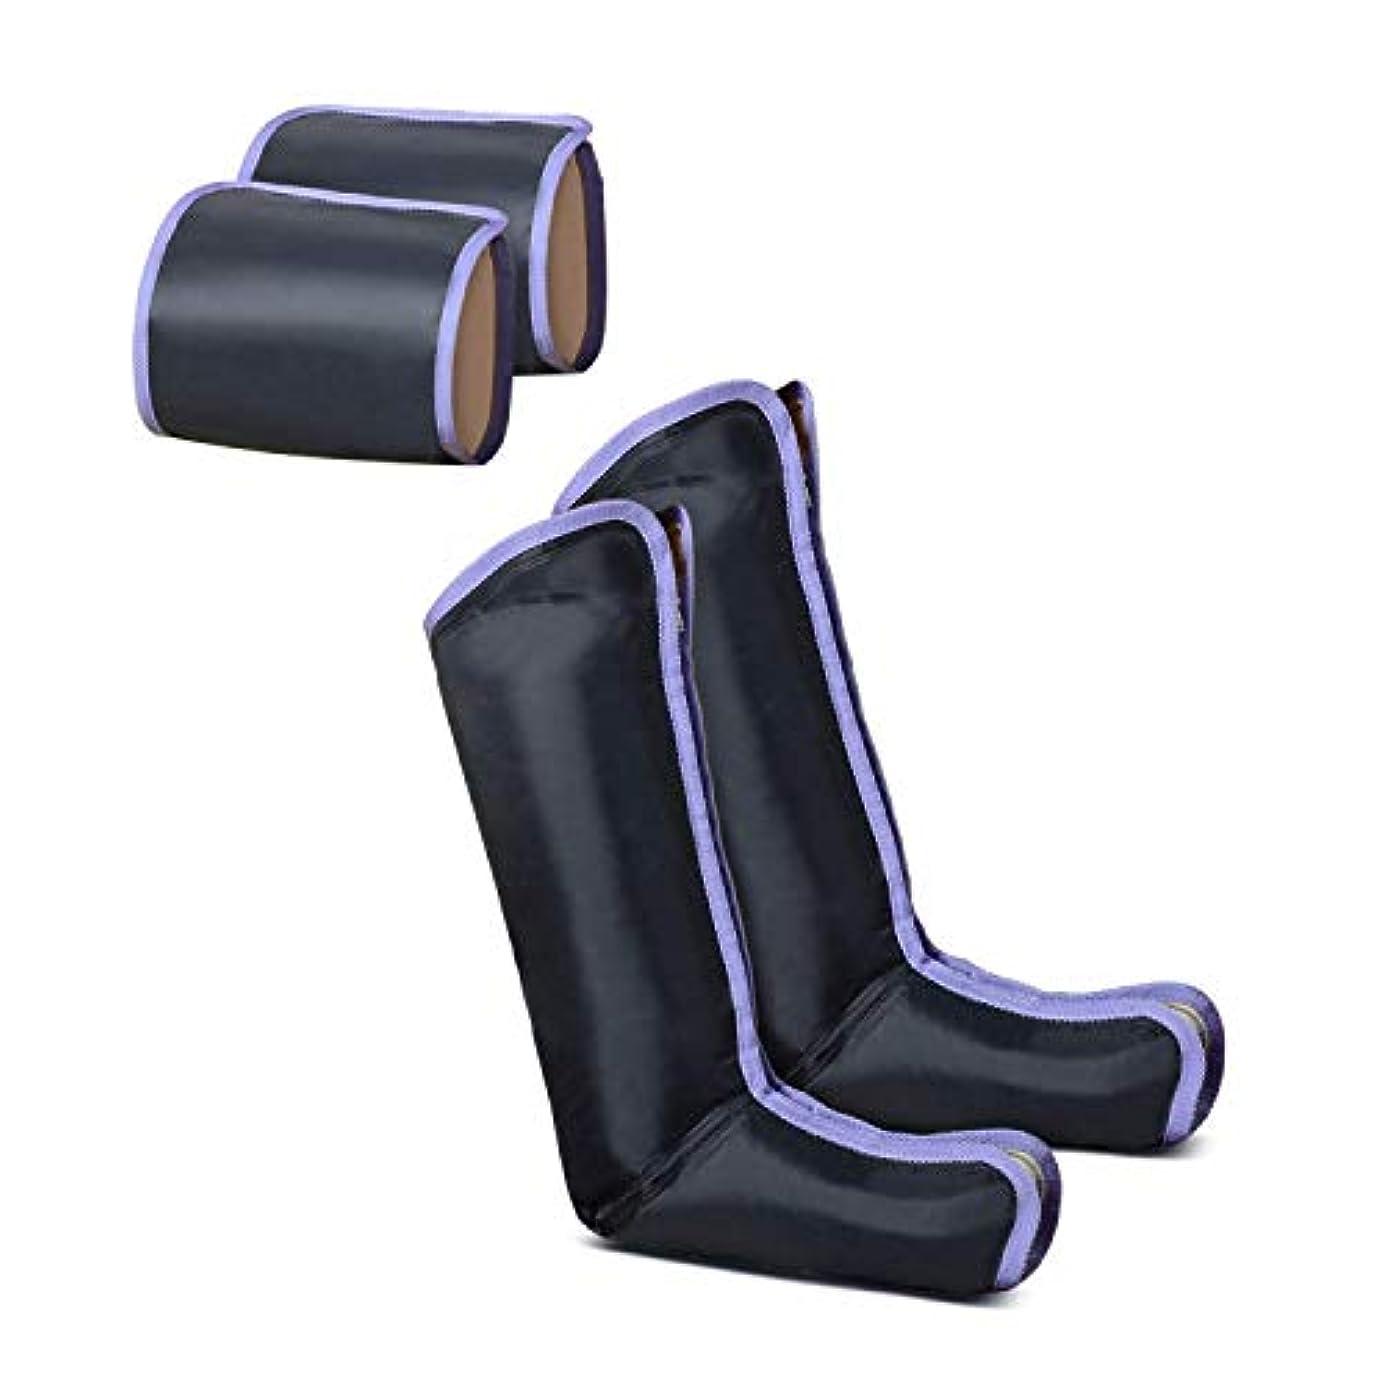 むき出しアーティファクトアパルSOLIN エアーマッサージャー 電気マッサージ機 ひざ 太もも対応 血行の促進